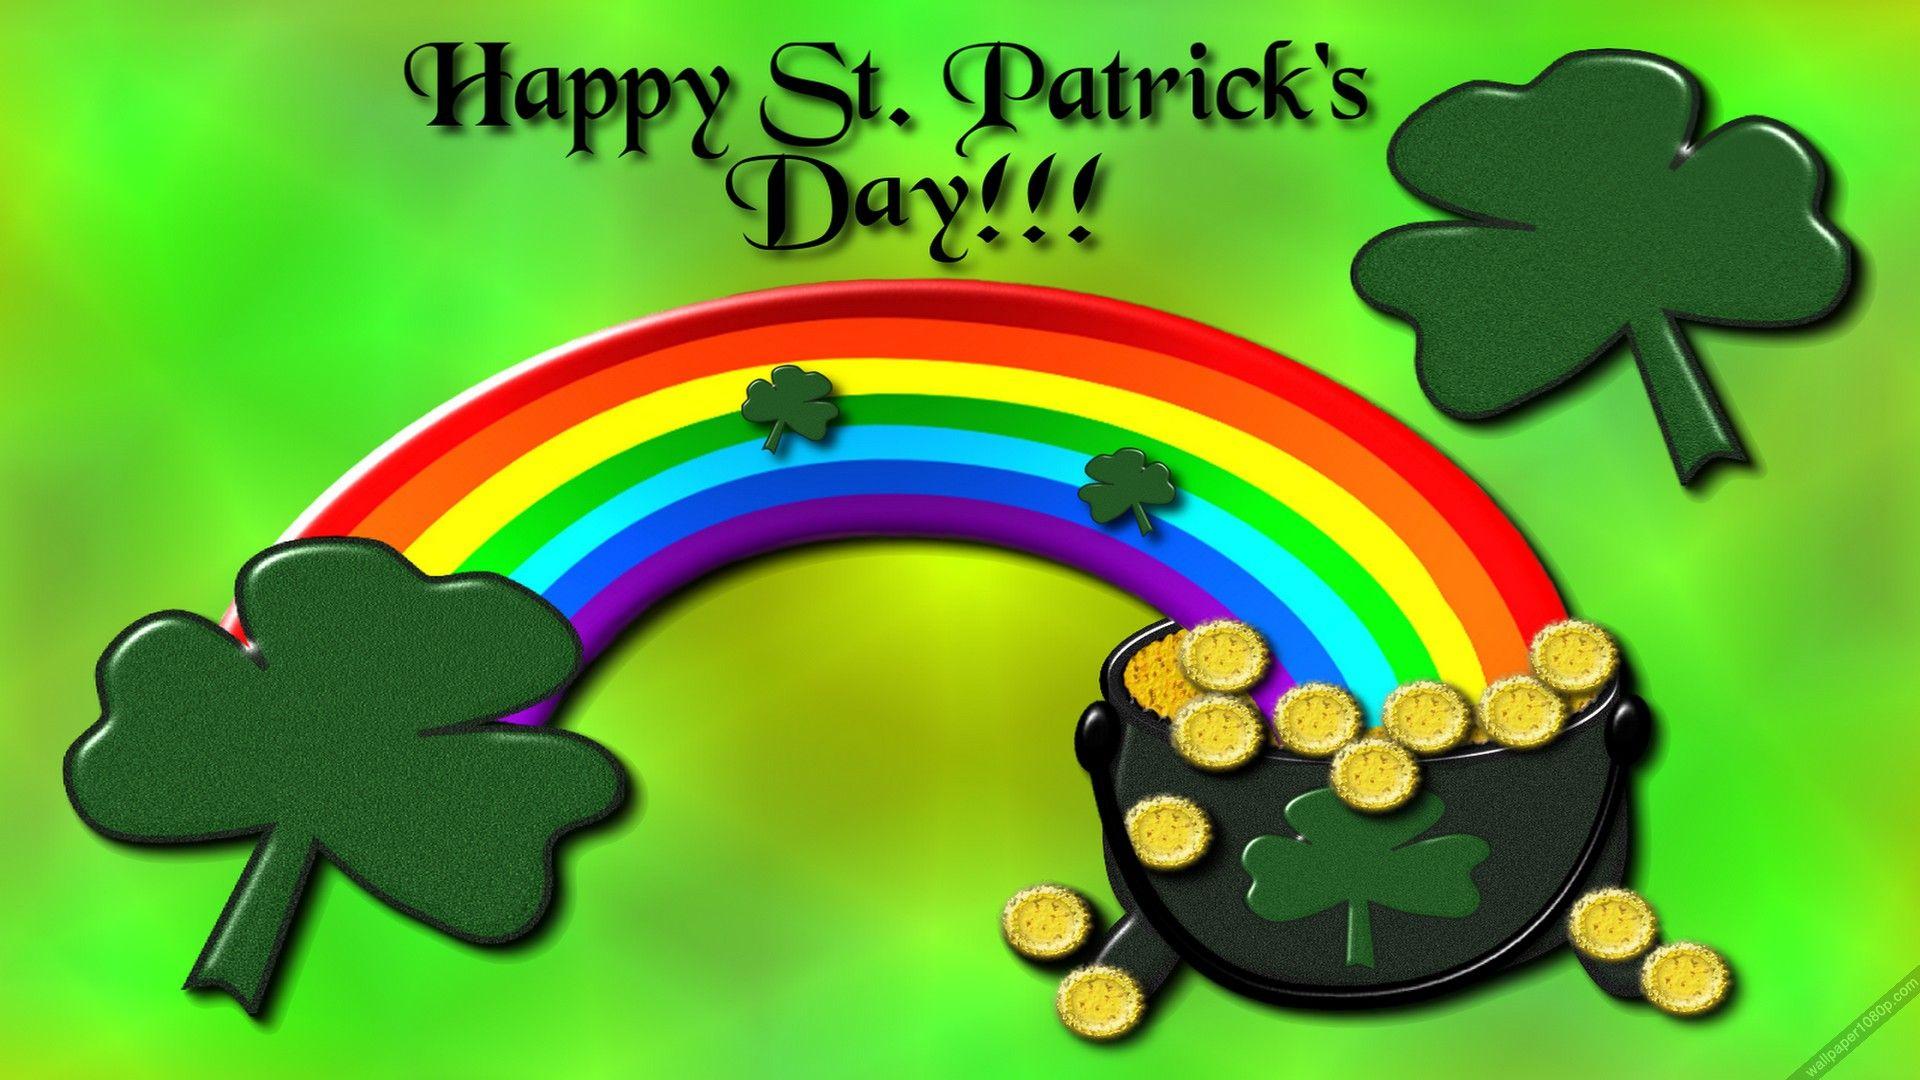 Free St Patricks Day Desktop Wallpaper 1920x1080